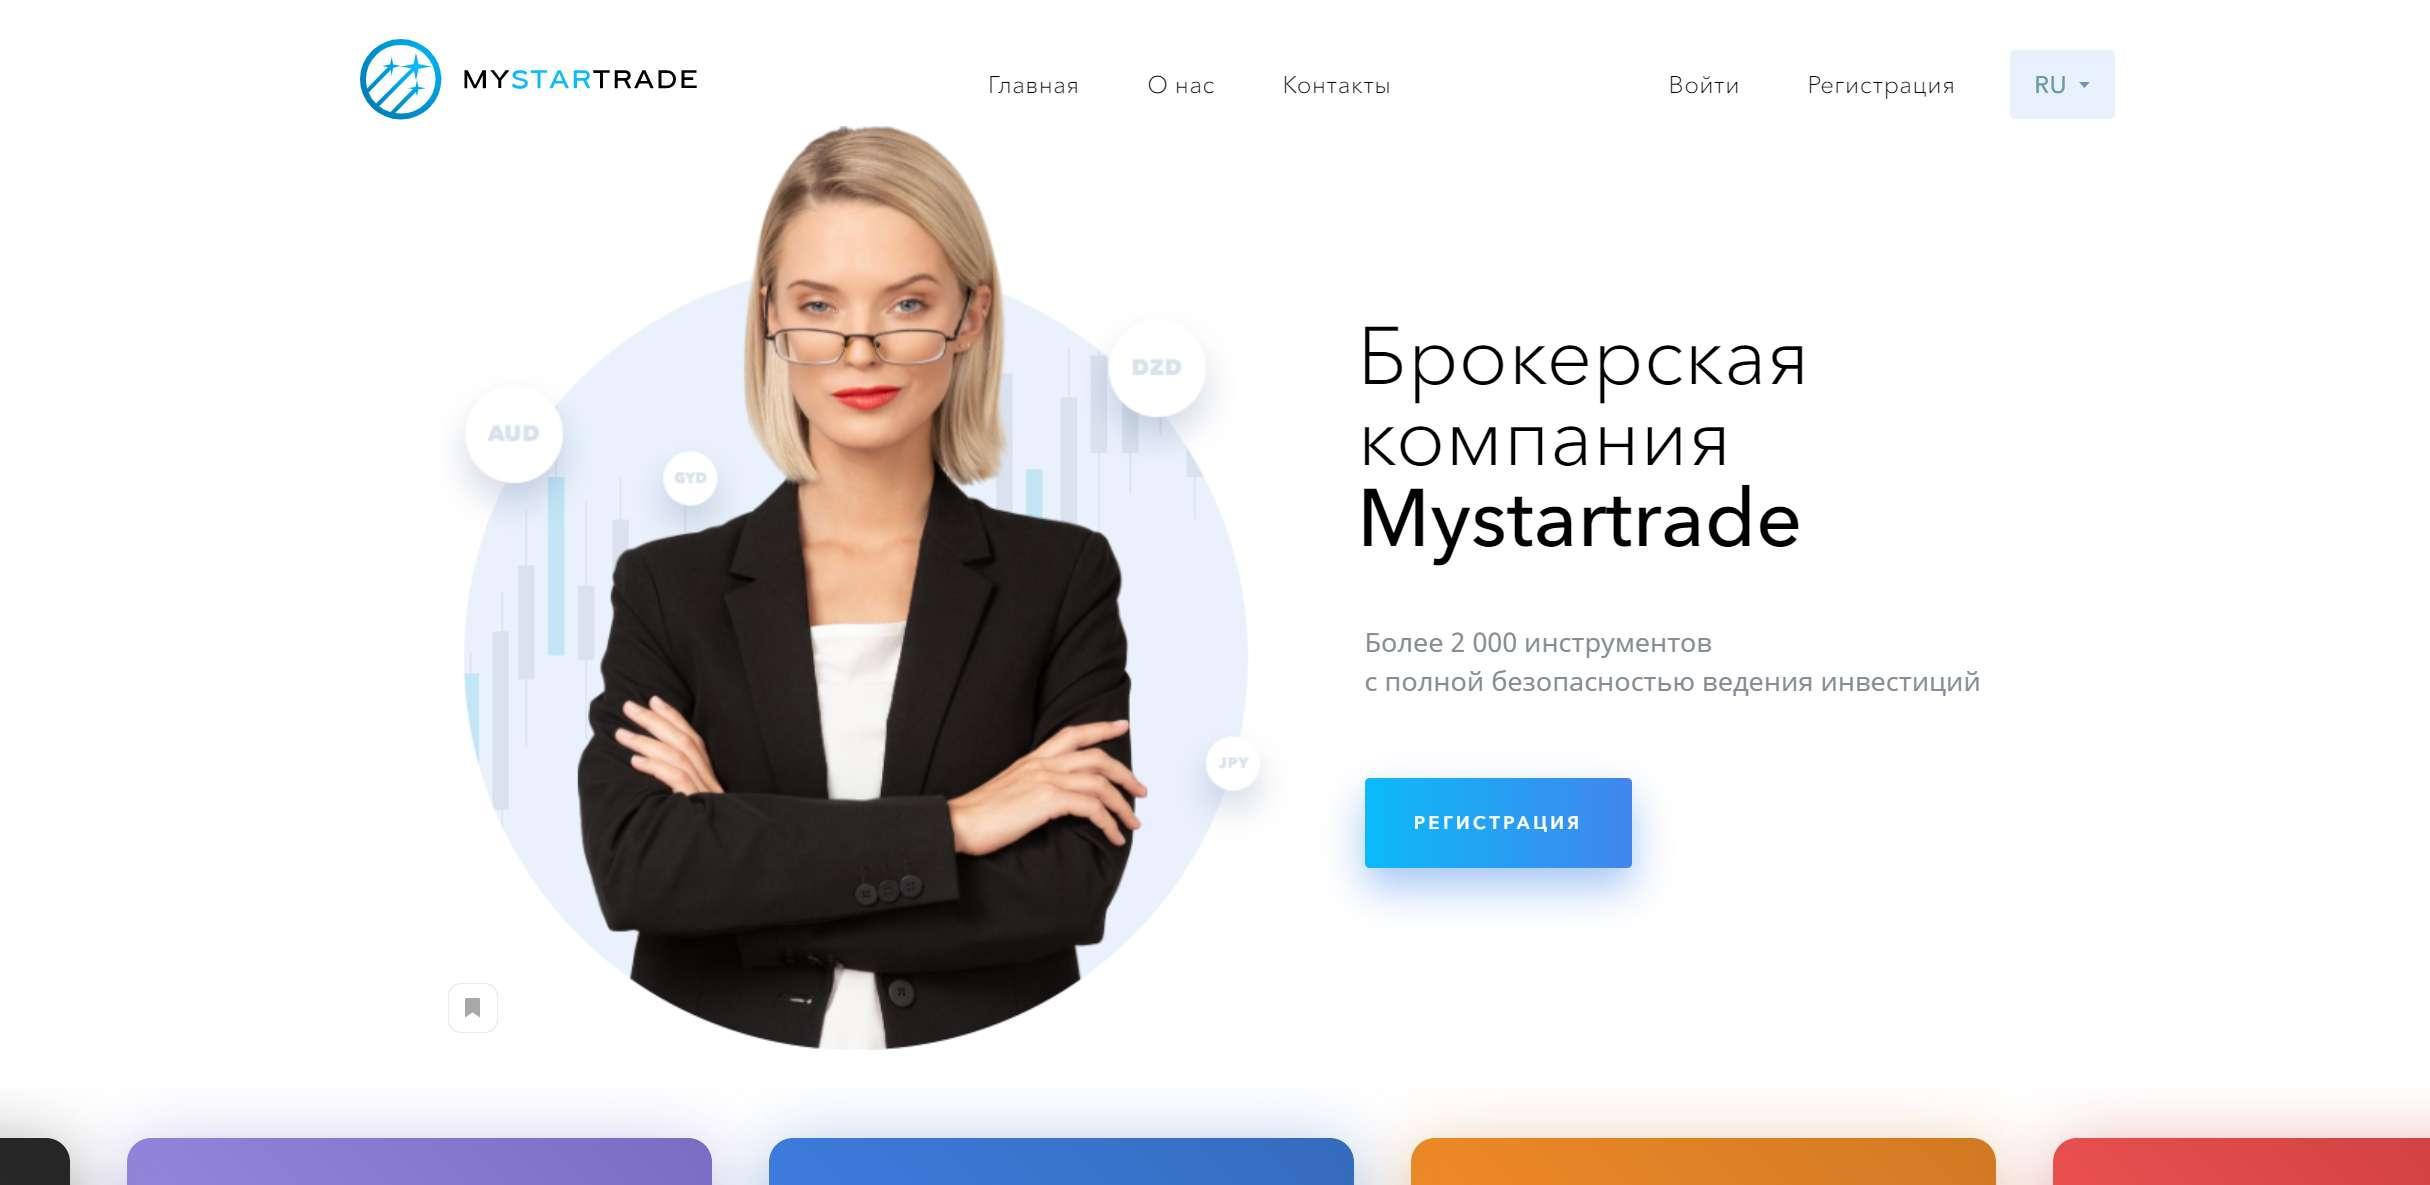 Обзор MyStartrade. Новый псевдоброкер с глобальными амбициями? Или просто очередной лохотрон?